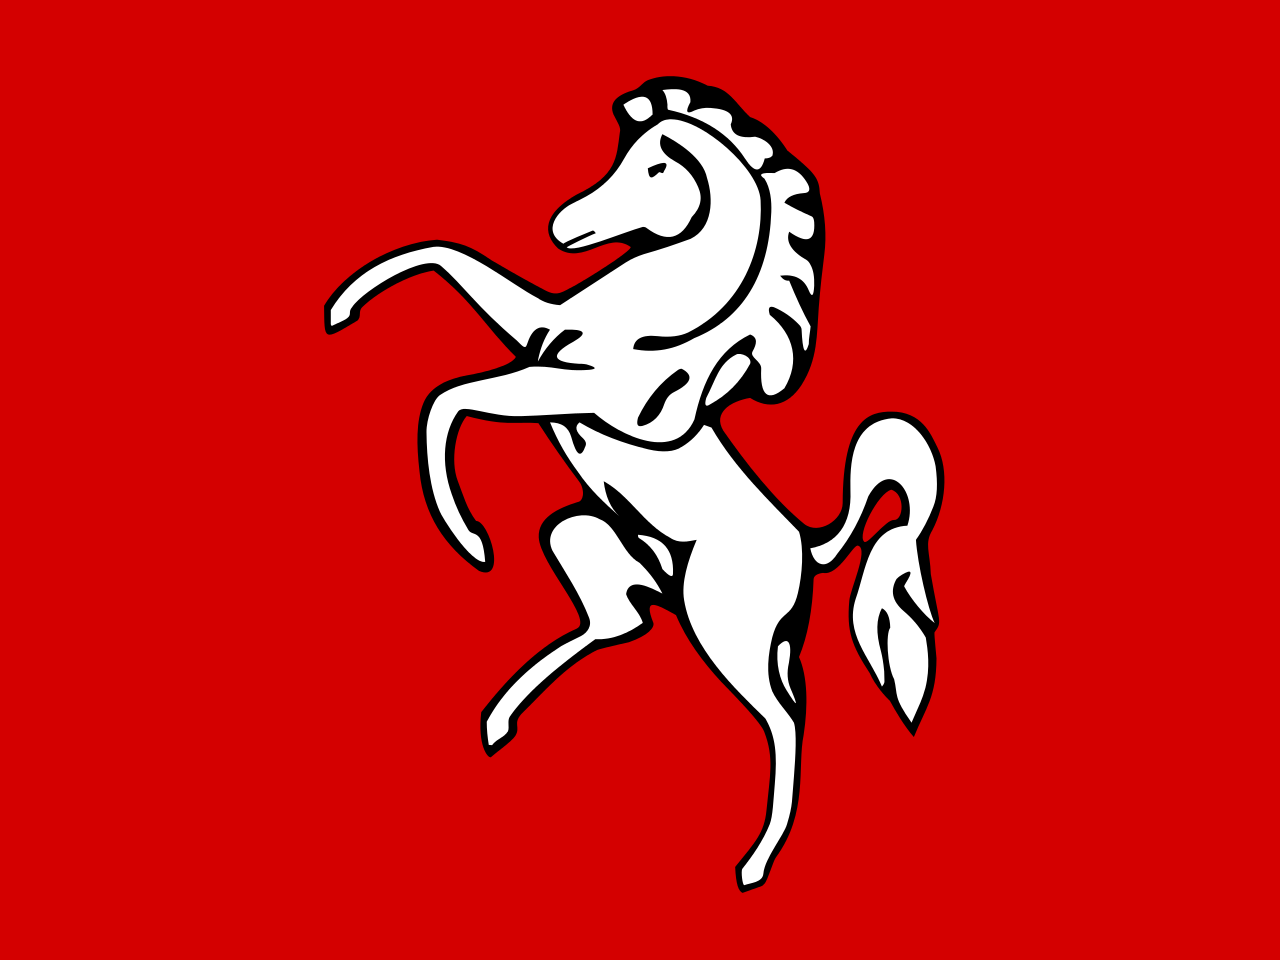 Kent (765-825)